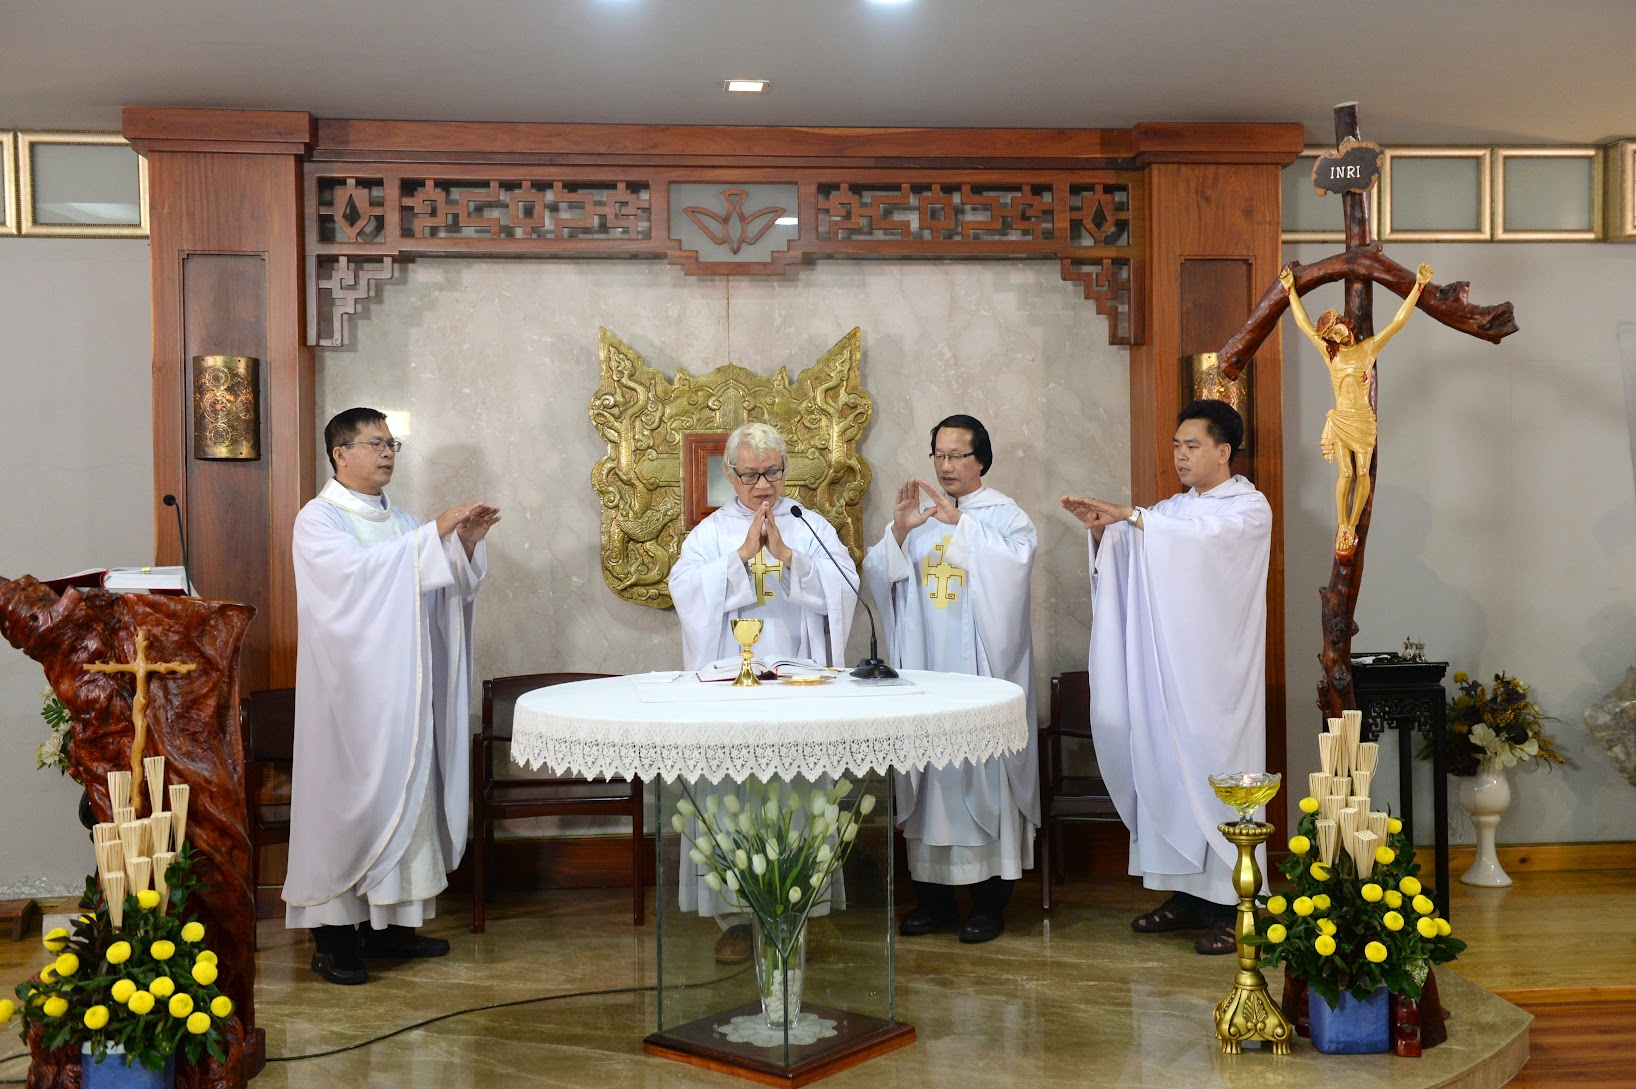 Thánh lễ Tạ ơn ba năm TLO và Nghi thức thánh hóa Phòng Truyền Thông